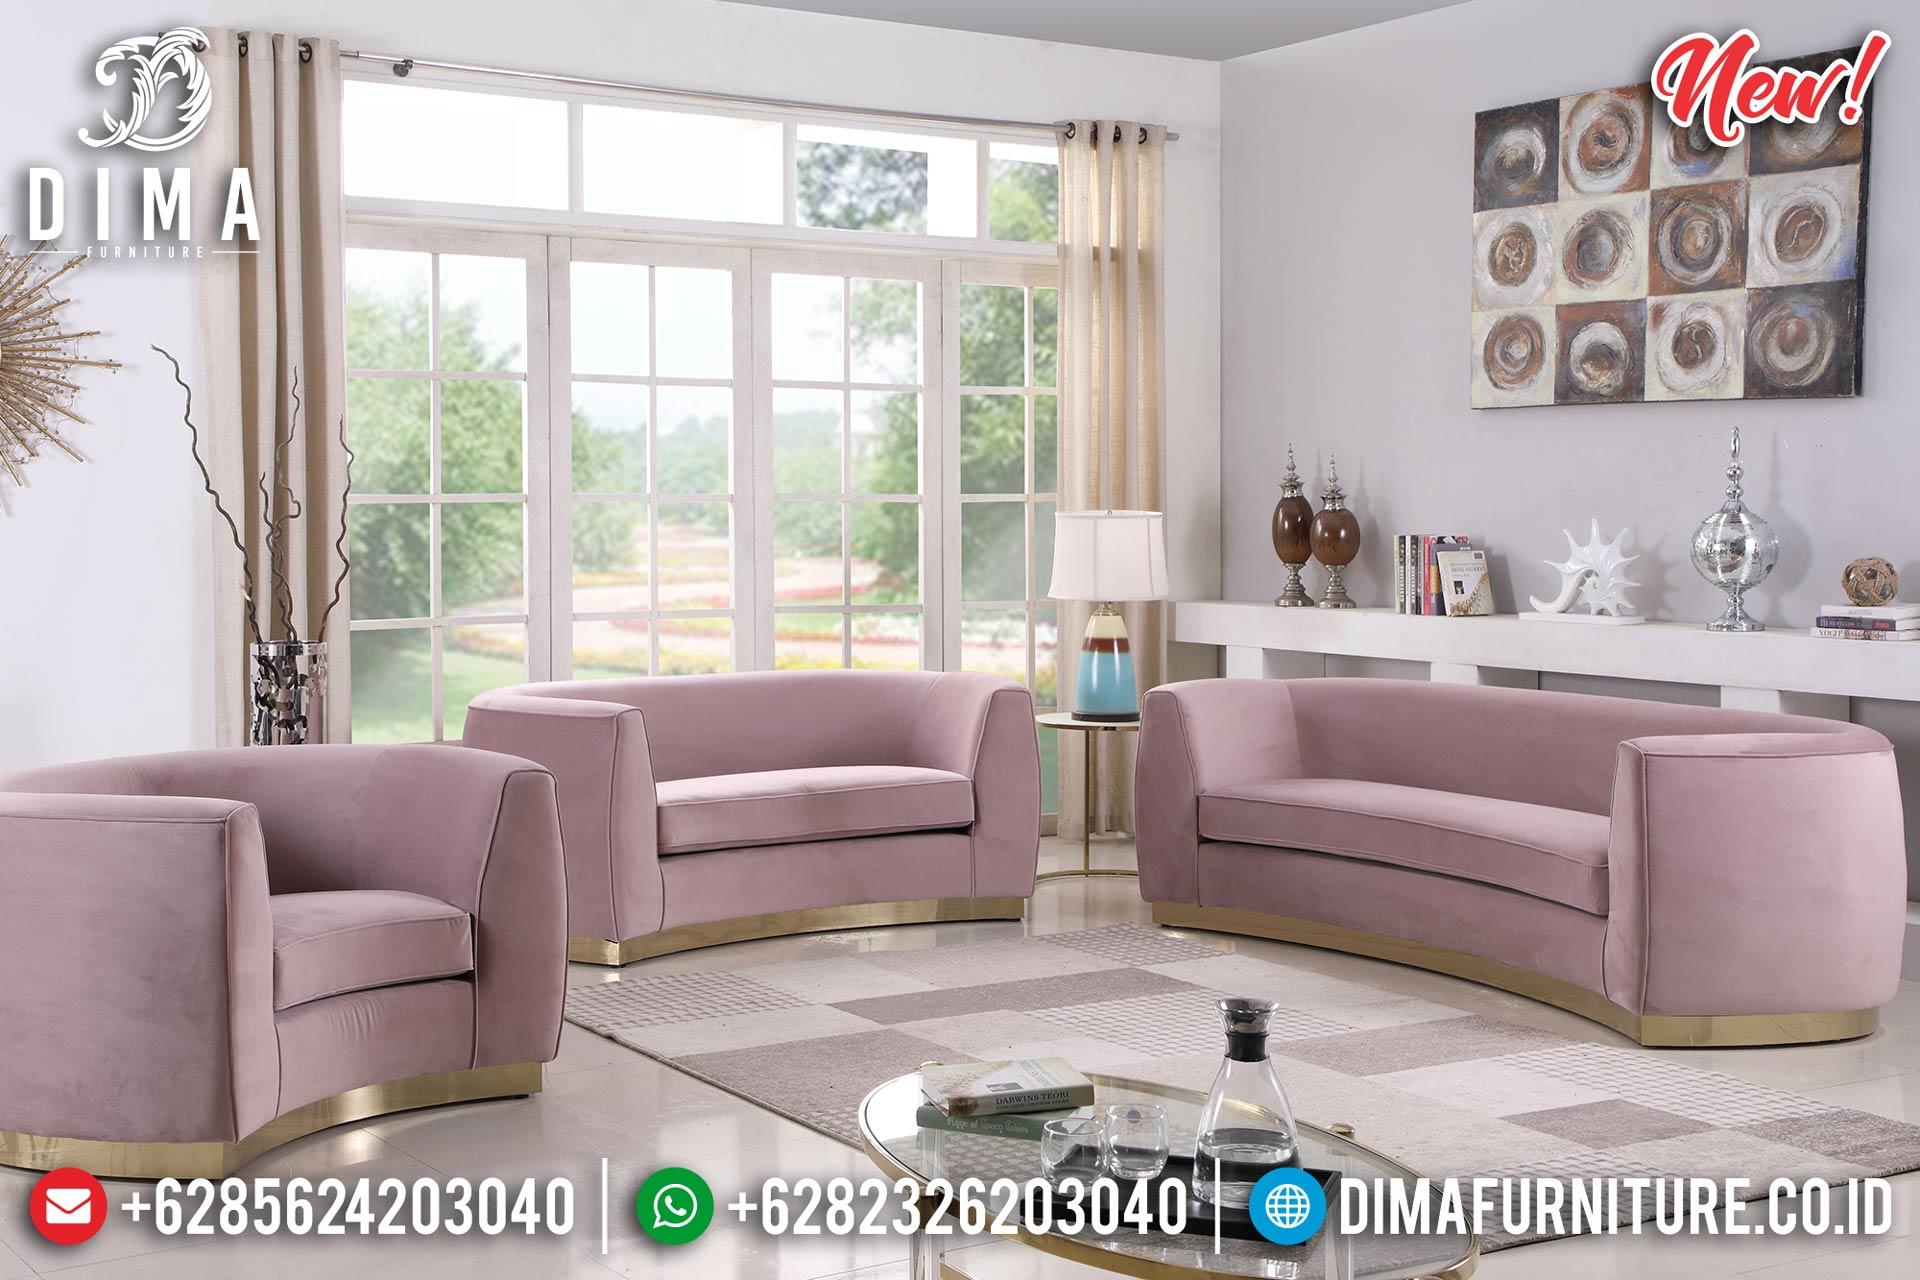 Pinky Loveseat Sofa Tamu Minimalis Glamour Design New Years Update BT-0909